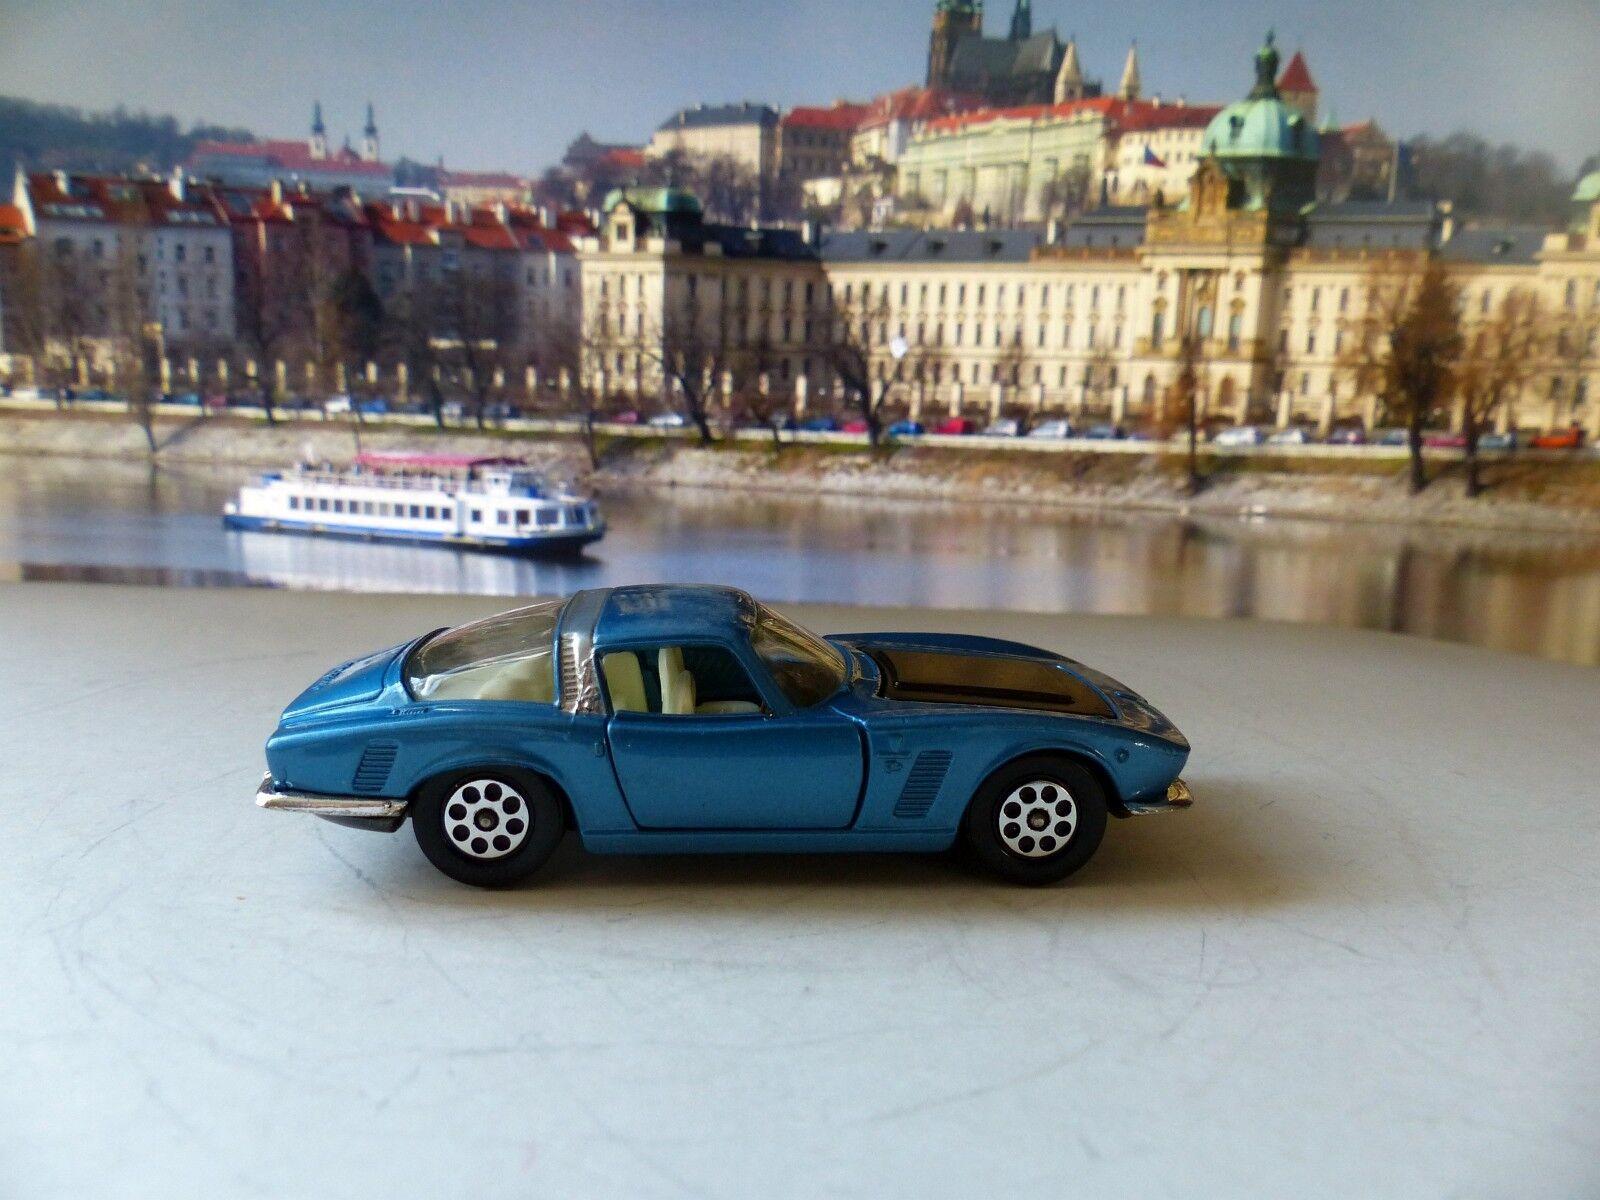 Corgi Toys 301 Iso Grifo 7 Litre with original box